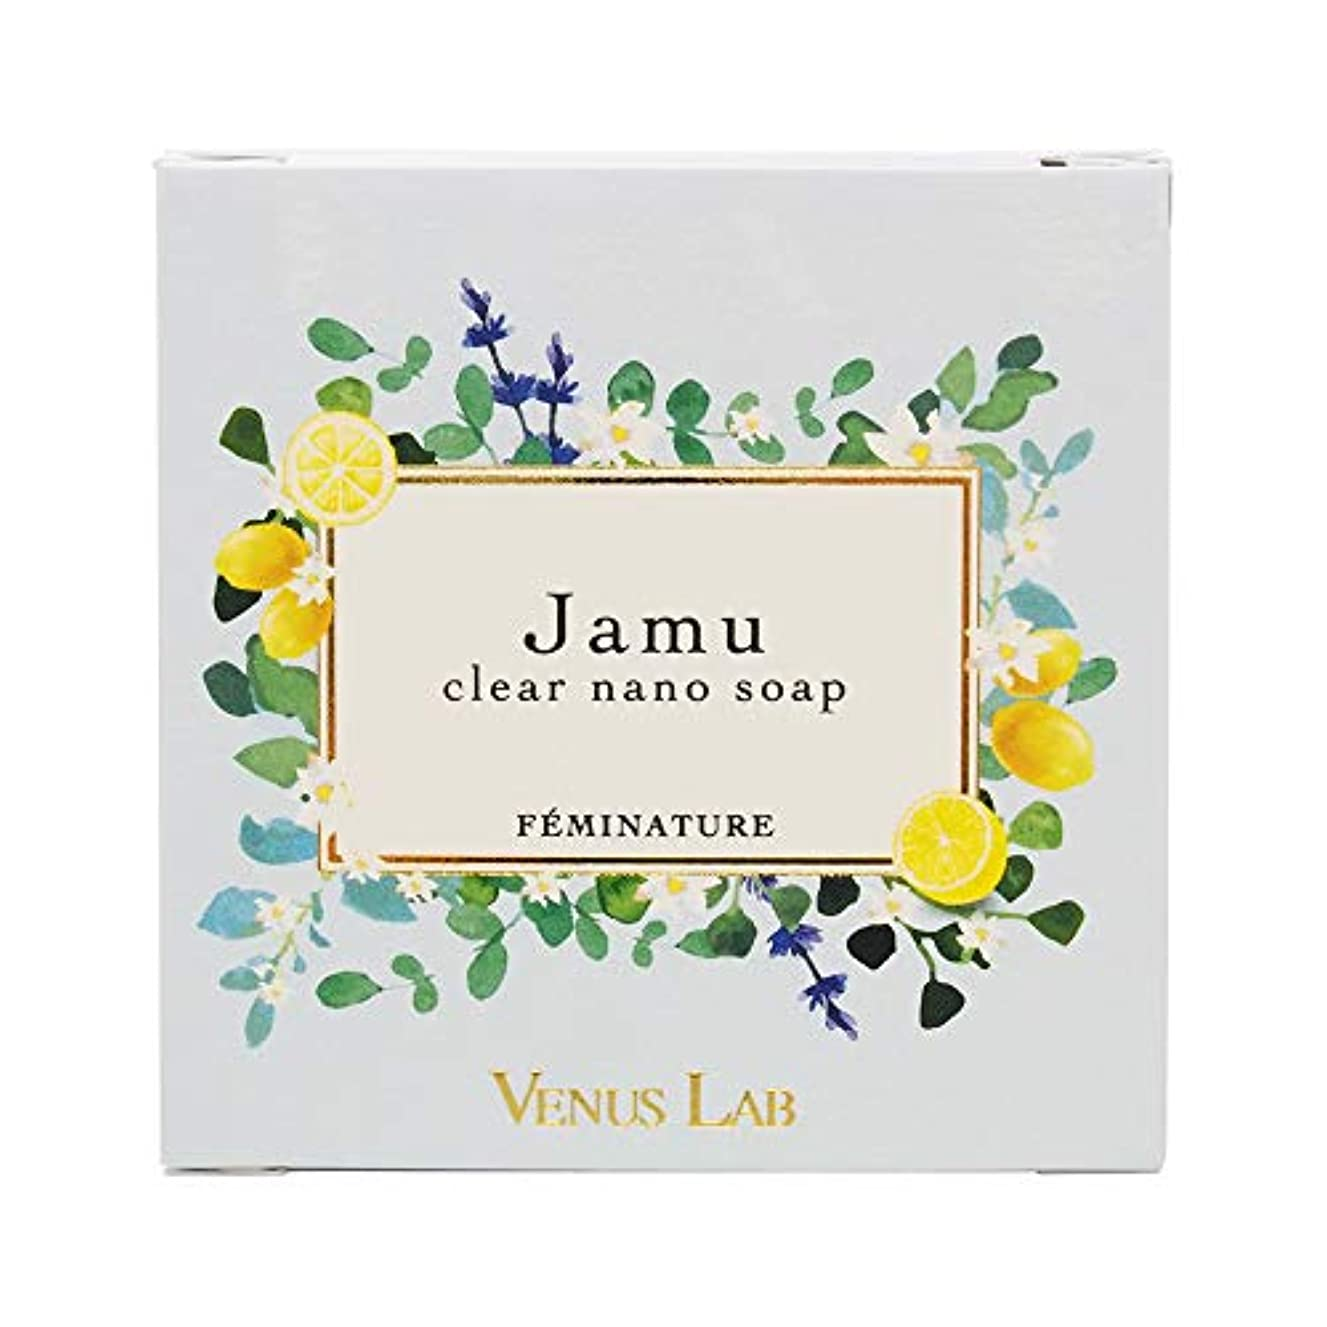 起こる何か褐色ヴィーナスラボ フェミナチュール ジャムウクリアナノソープ 石鹸 レモングラスの香り 100g